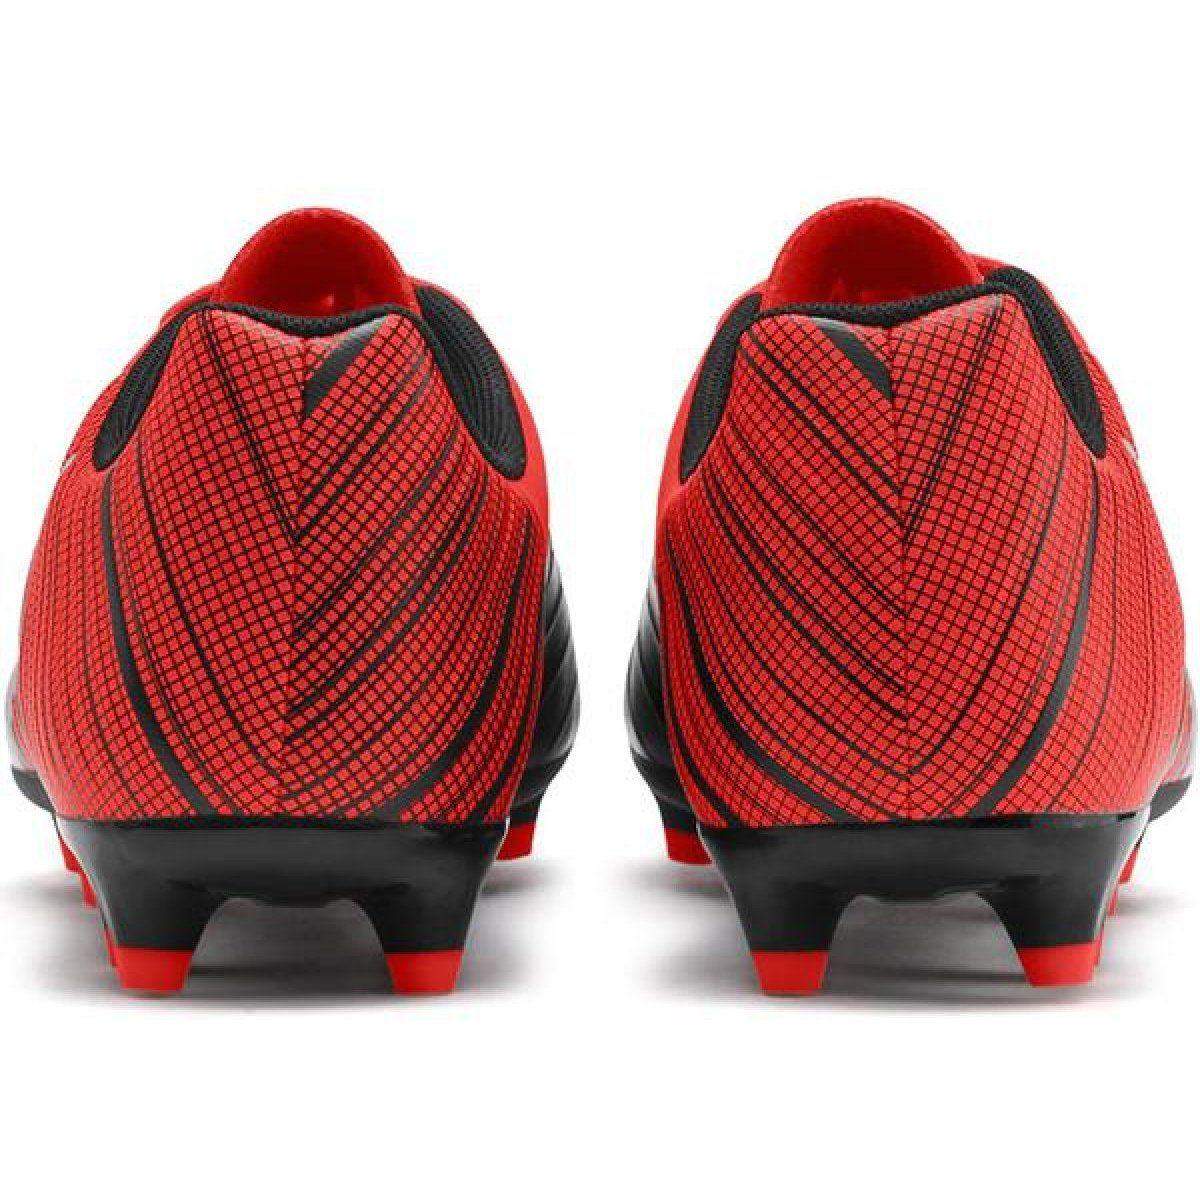 Buty piłkarskie Puma One 5.4 Fg Ag M 105605 01 czerwone